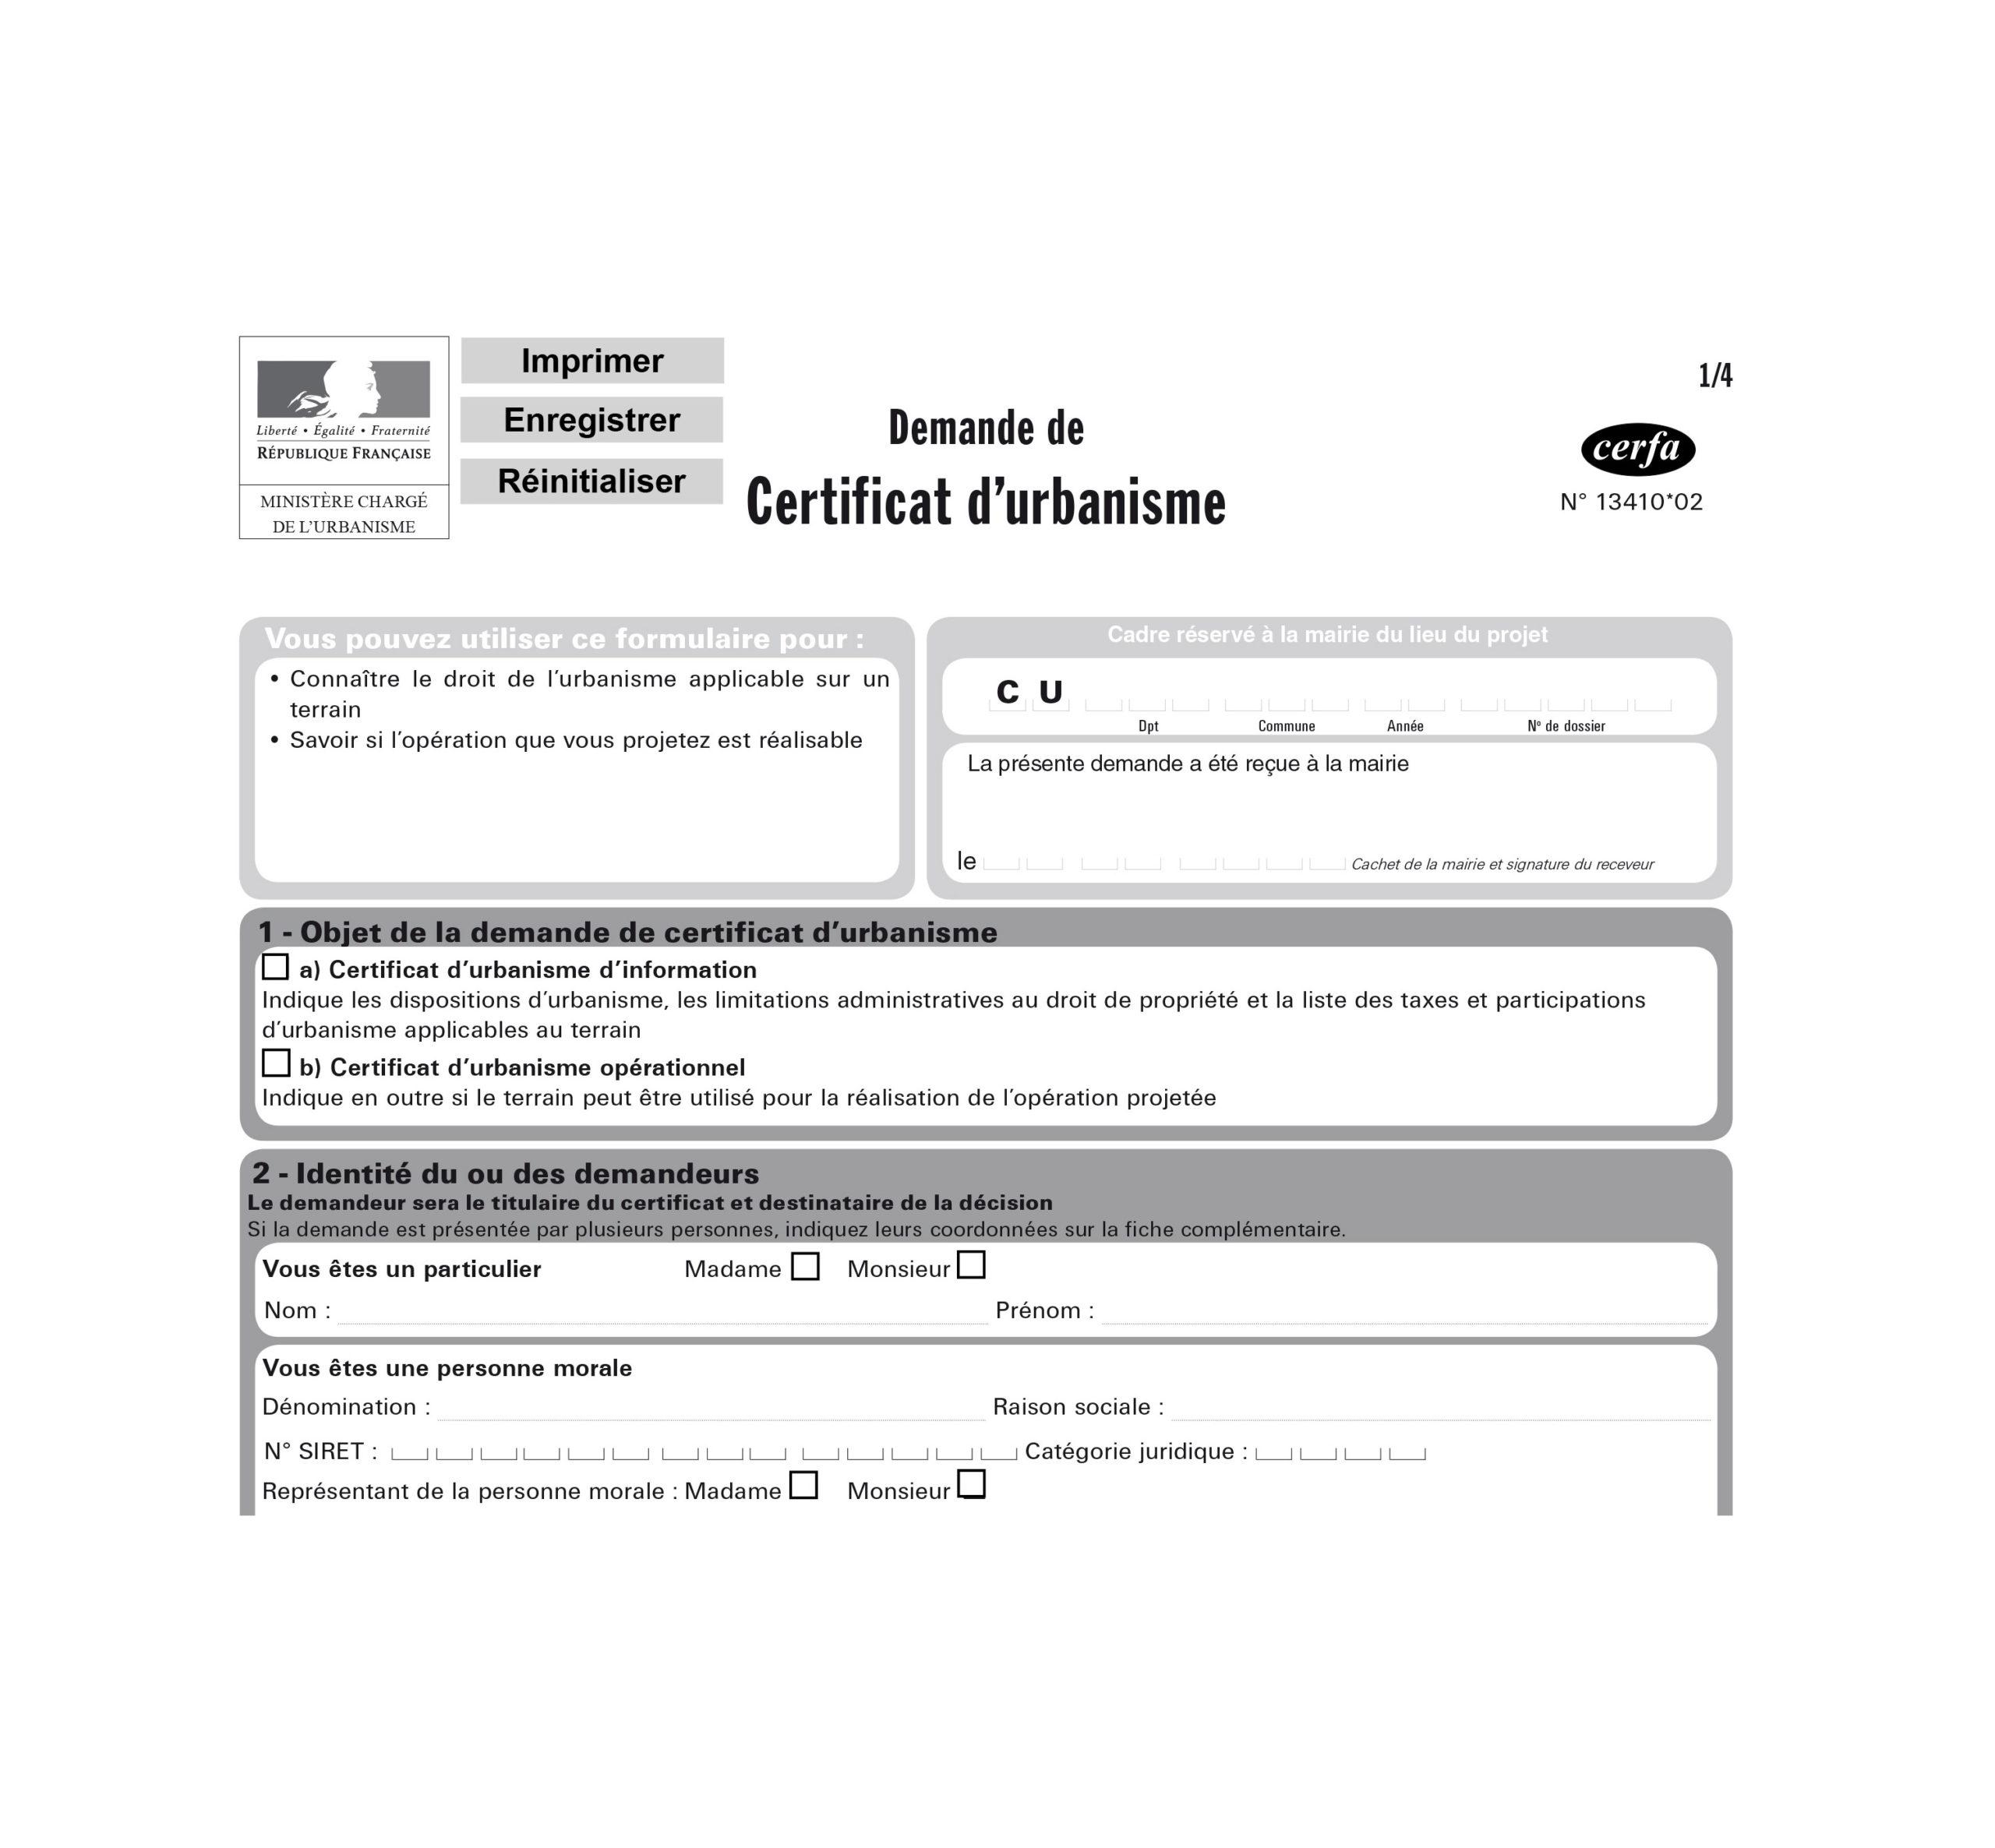 Certification d'urbanisme à remplir reglementation document administratif